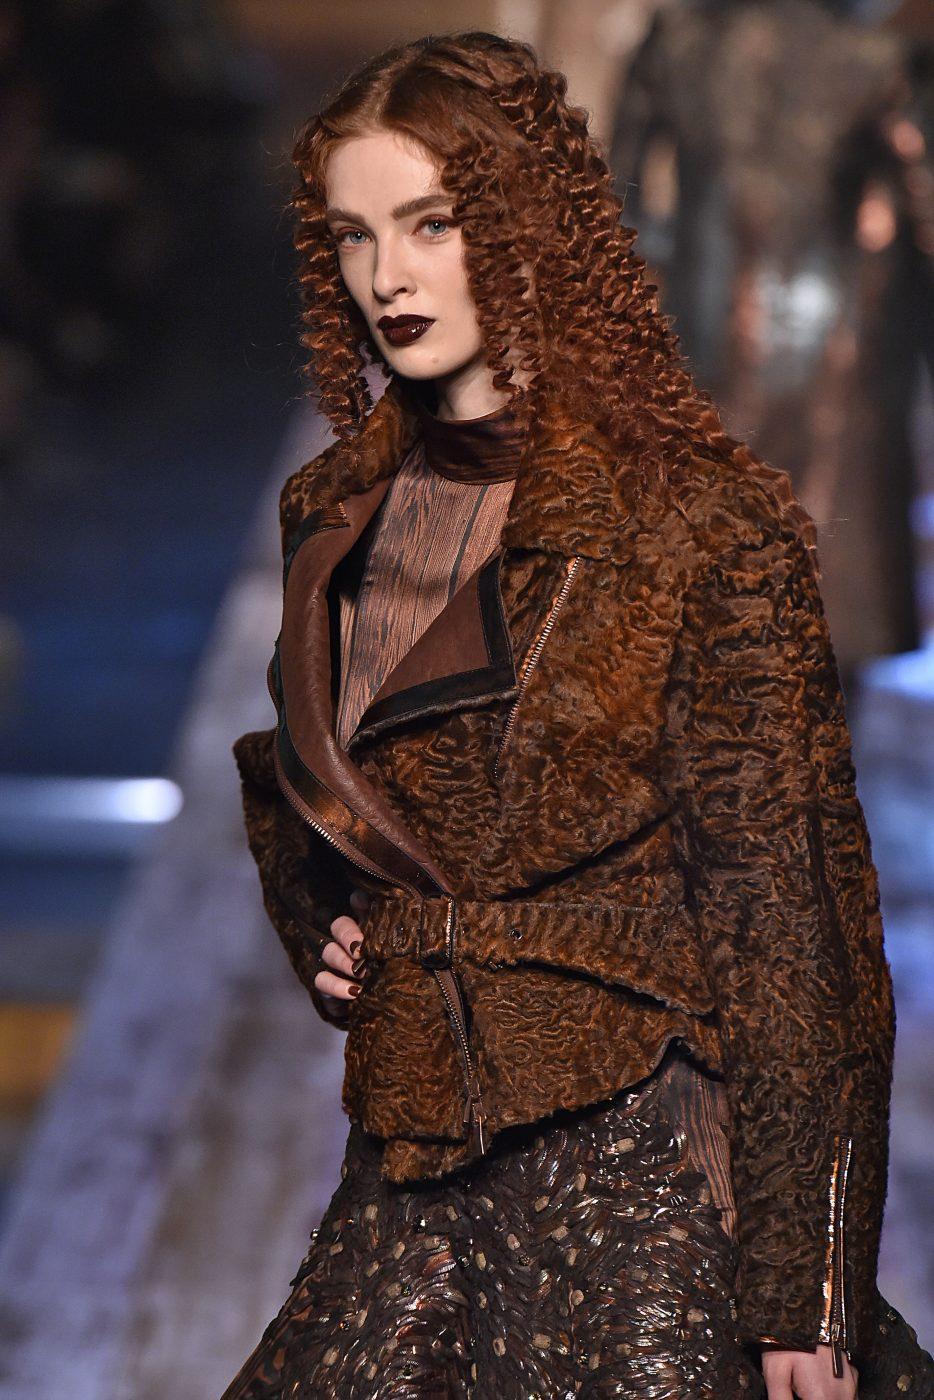 Jean Paul Gaultier Fal Winter 2016 Haute Couture Paris